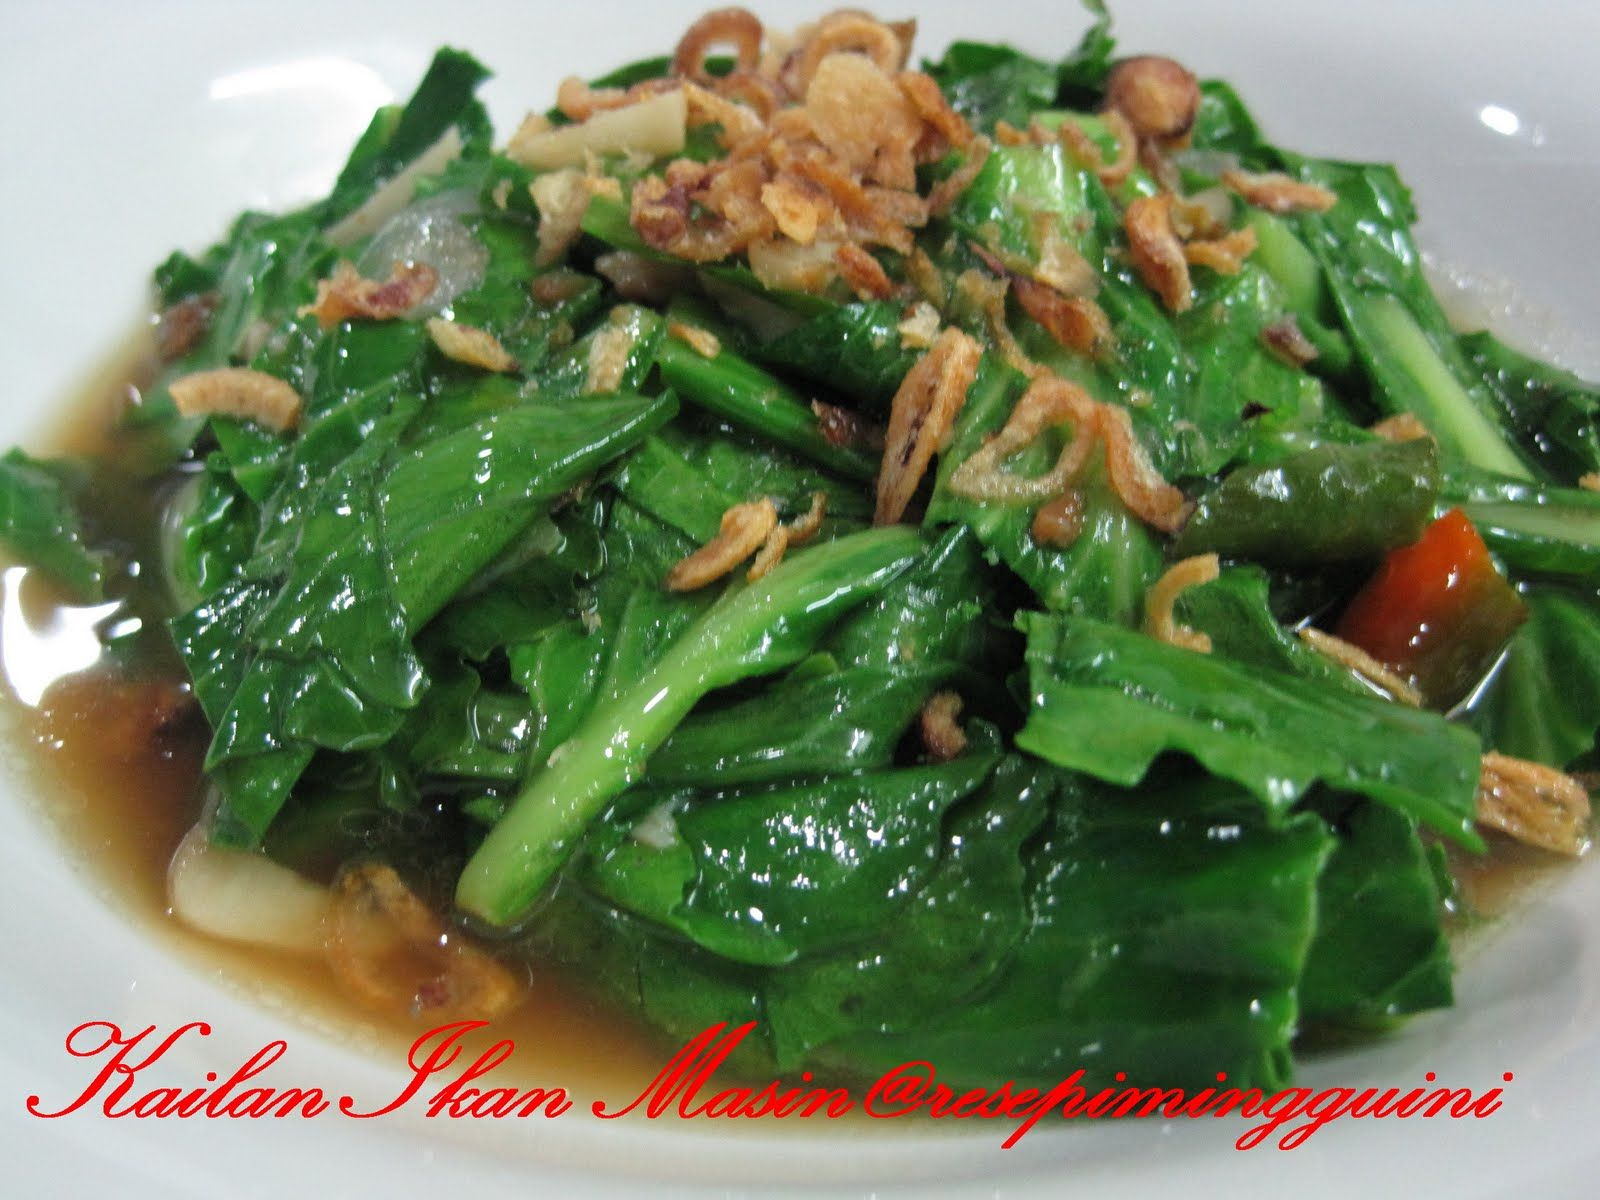 Kailan Ikan Masin Resepi Minggu Ini Resep Masakan Cina Resep Masakan Makan Malam